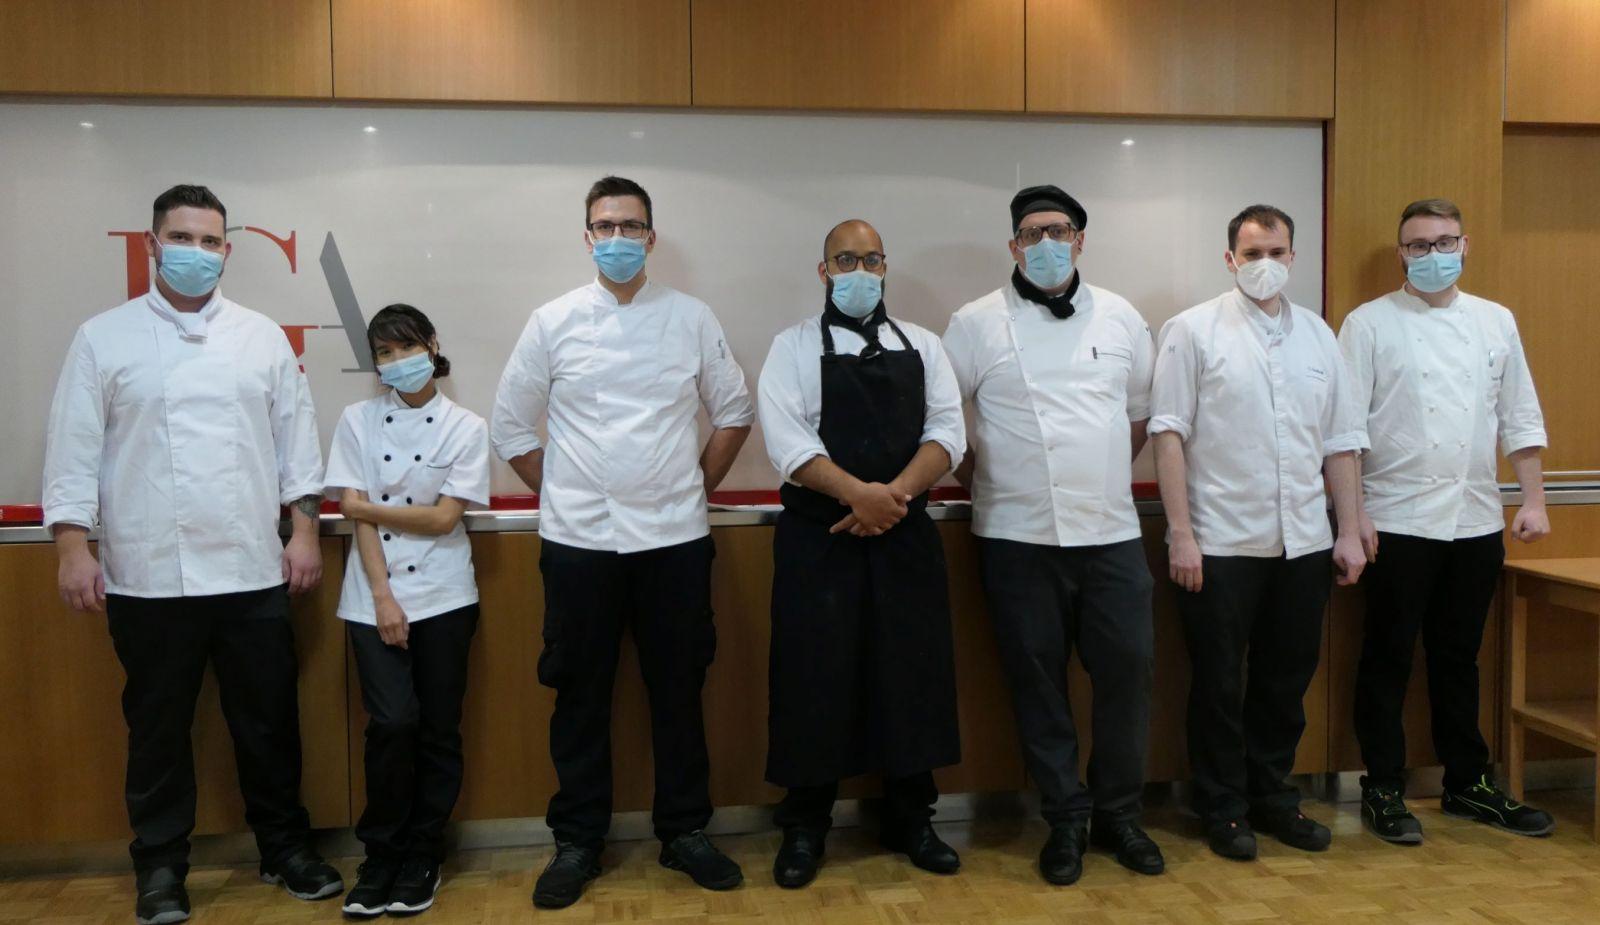 Die erfolgreiche Küchenmeisterin und hre männlichen Kollegen freuen sich auch vor der Kamera über die bestandene Prüfung. Foto: pm